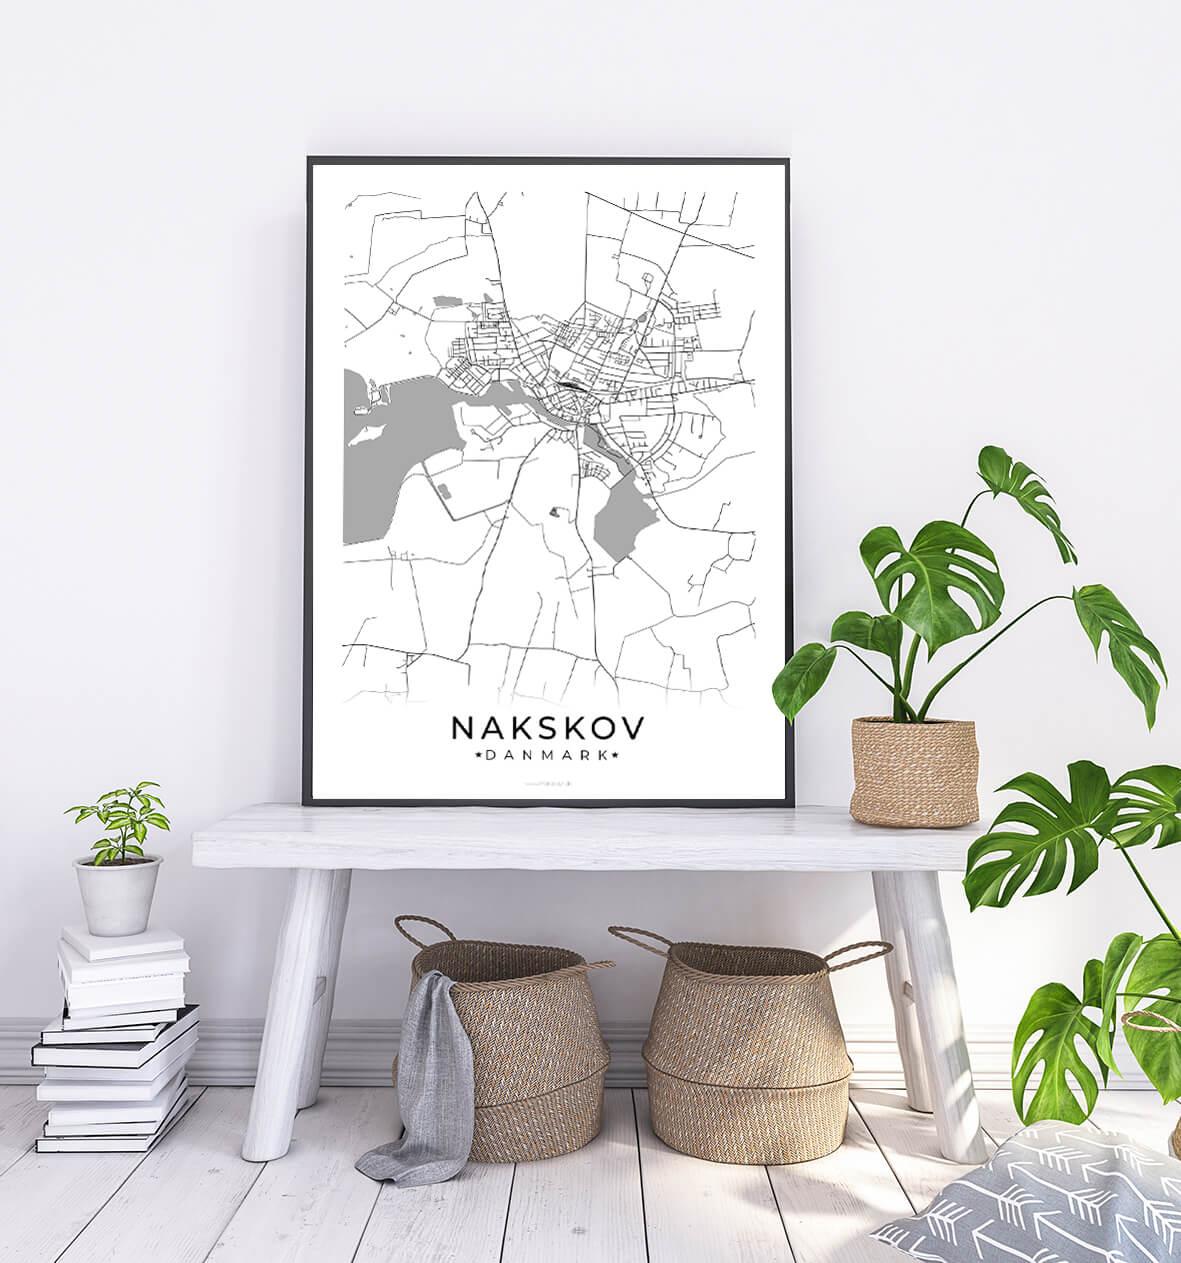 Nakskov-hvid-byplakat-1